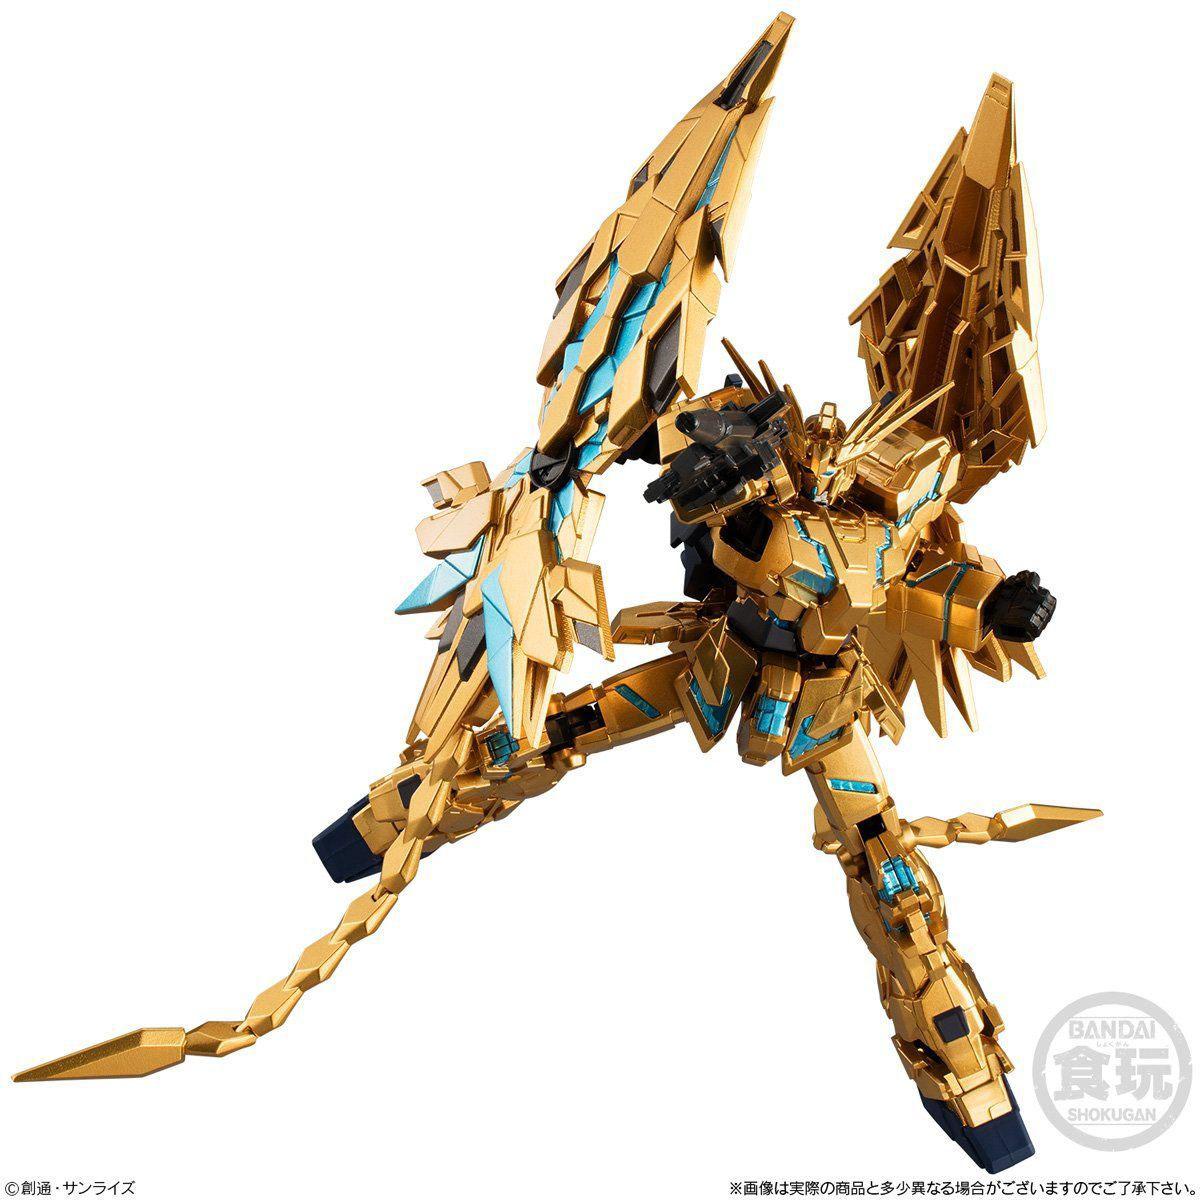 Gフレーム『ユニコーンガンダム3号機 フェネクス|デストロイモード(ナラティブver.)』食玩 可動フィギュア-001